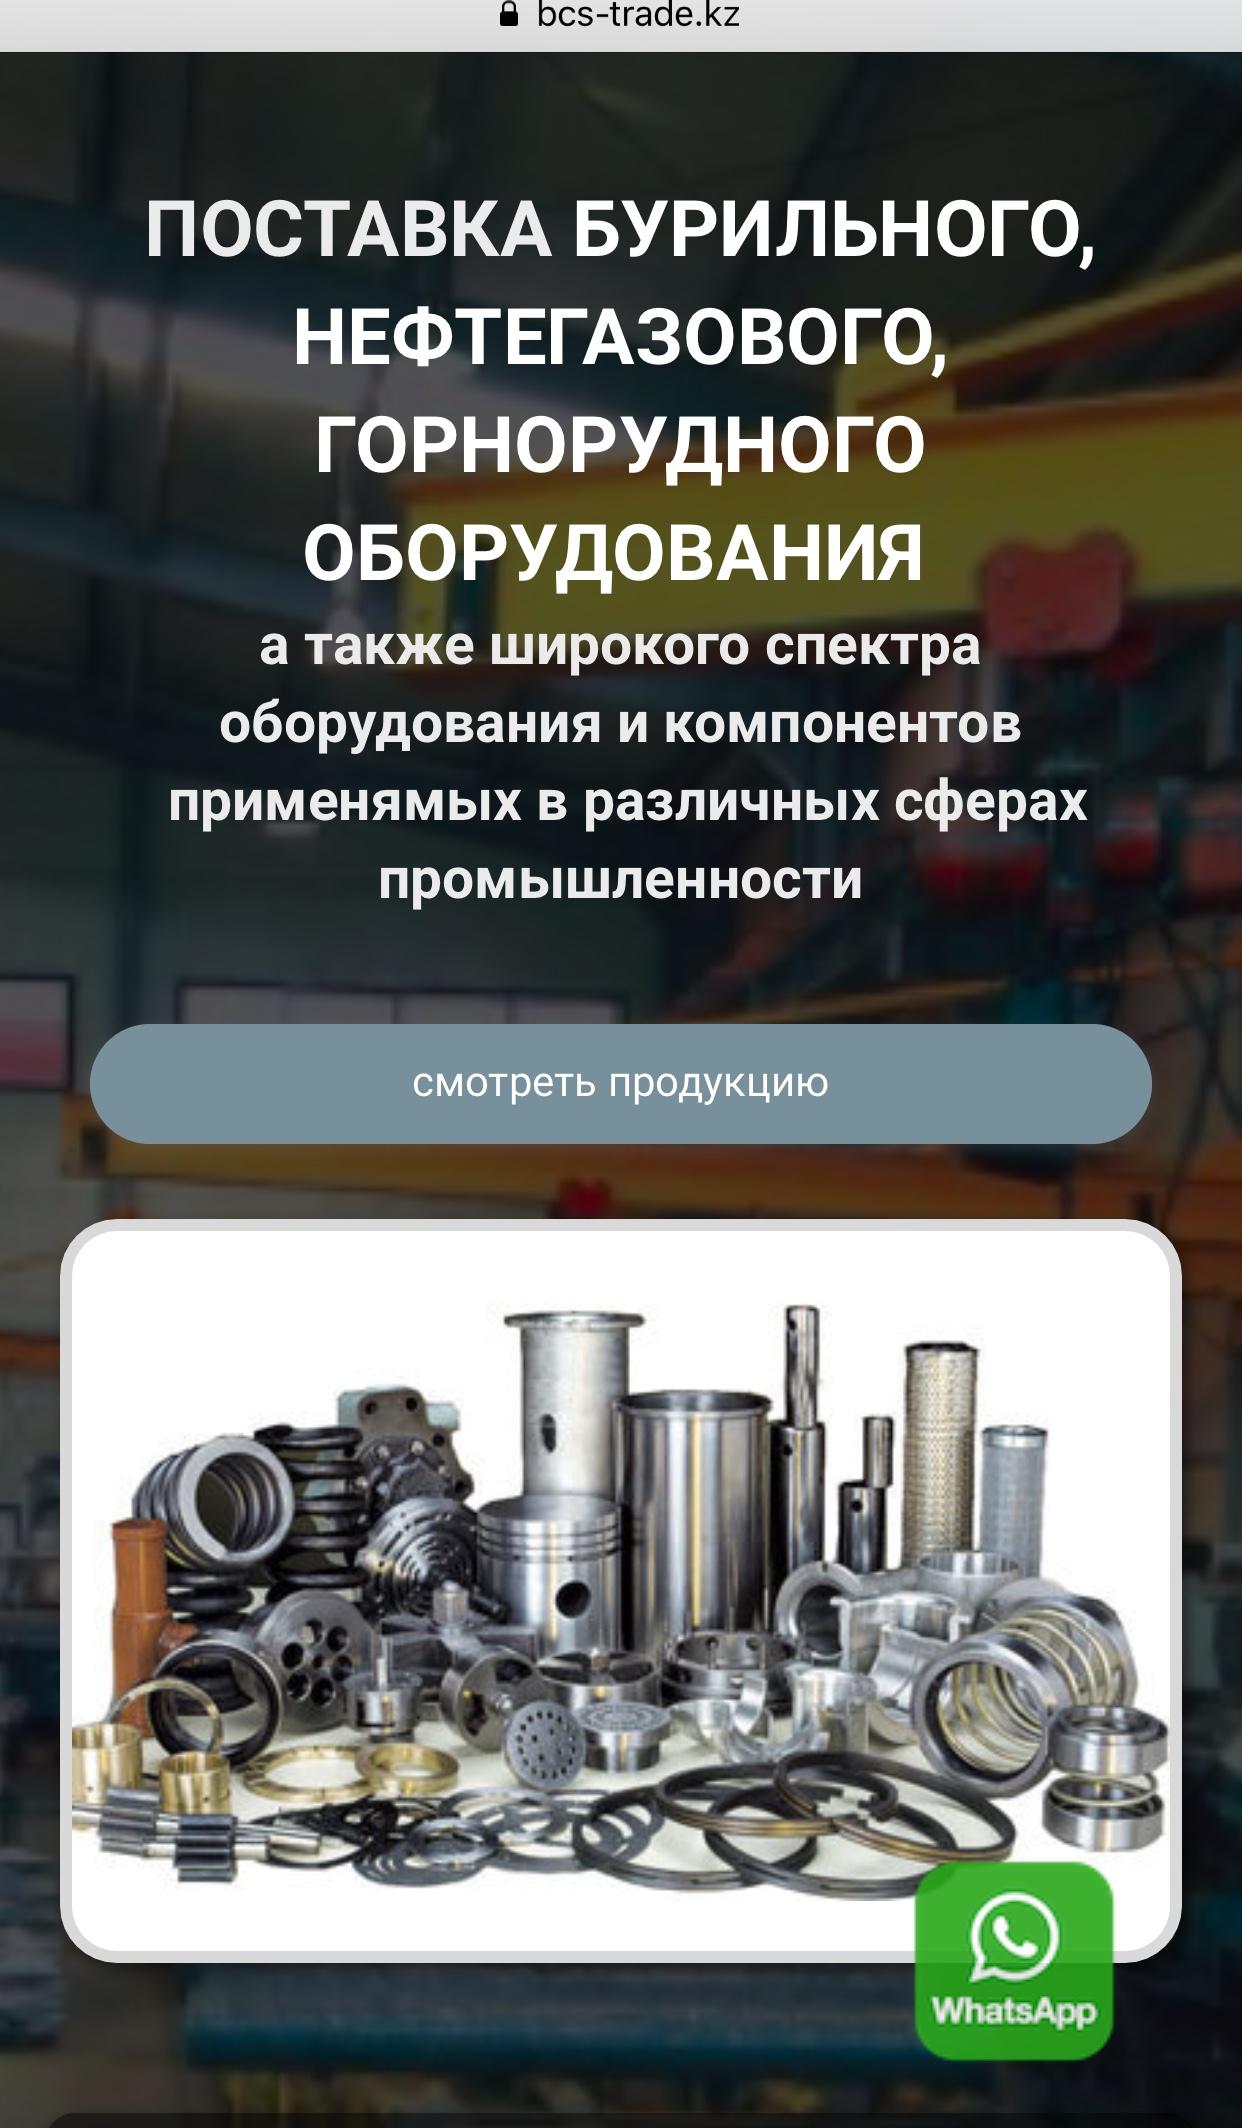 Фото Создание продающих Лендингов и сайтов под ключ - 3 дня - 30.000тг. 3